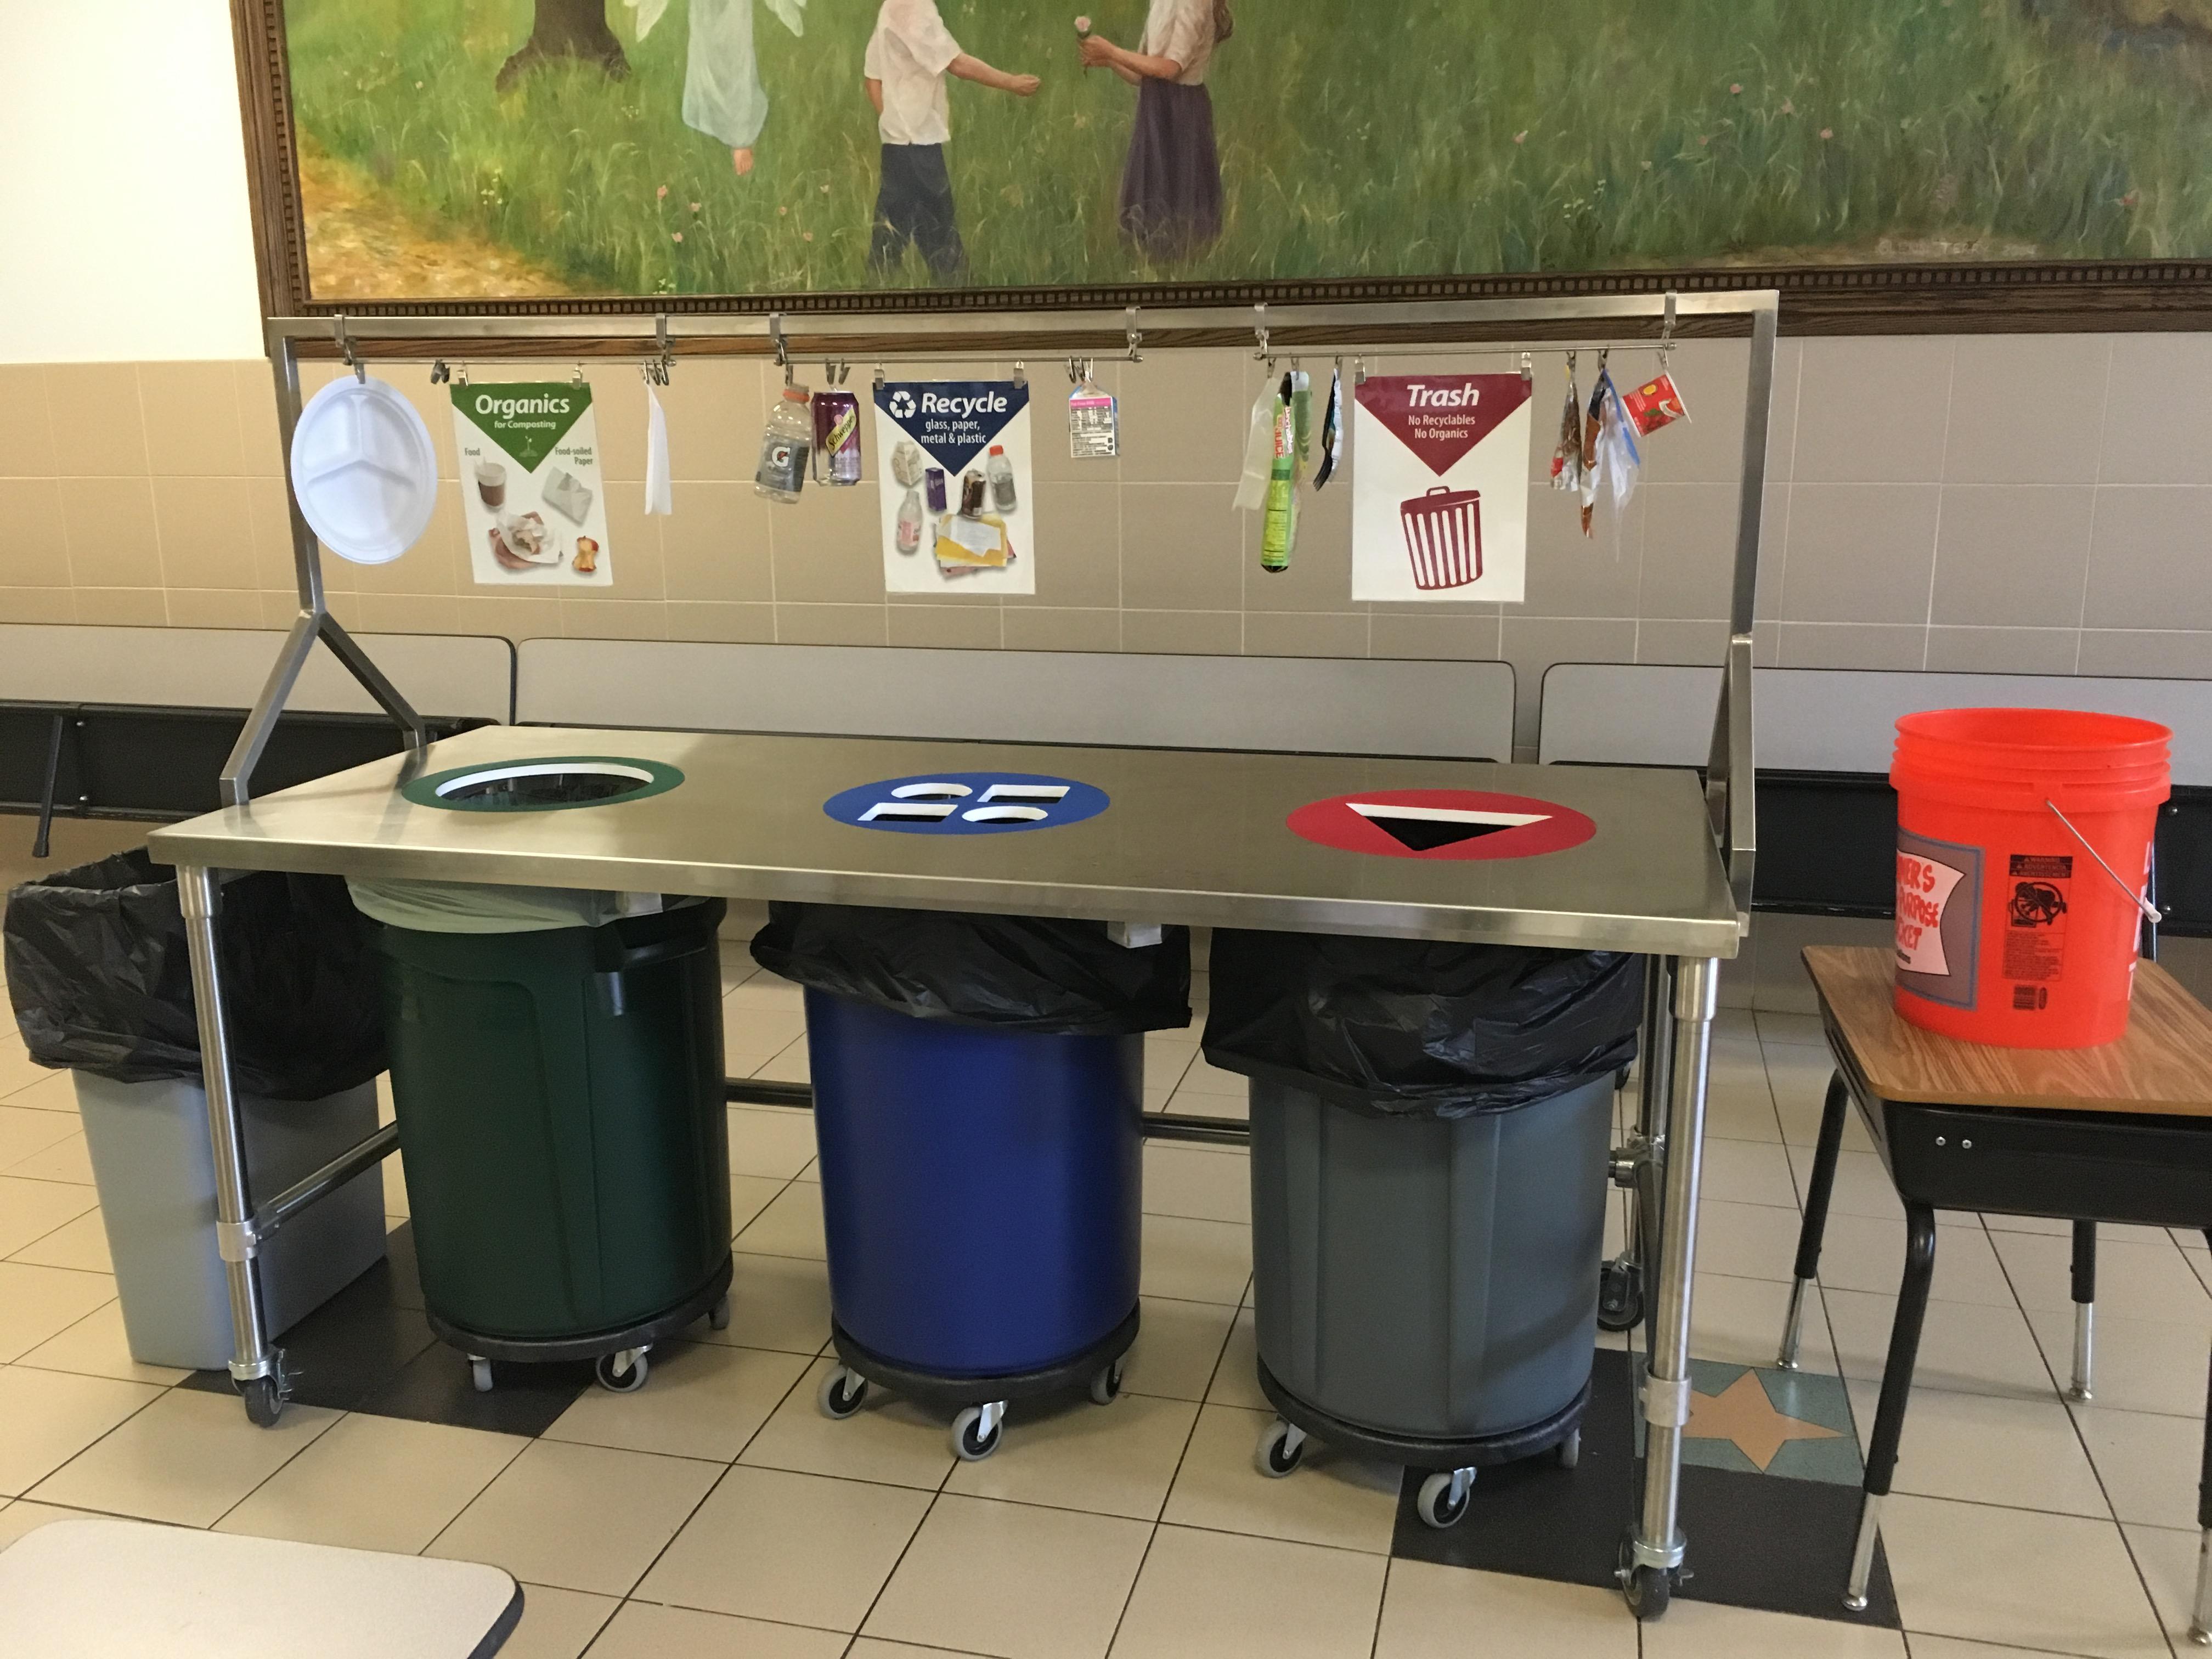 School waste sorting bins